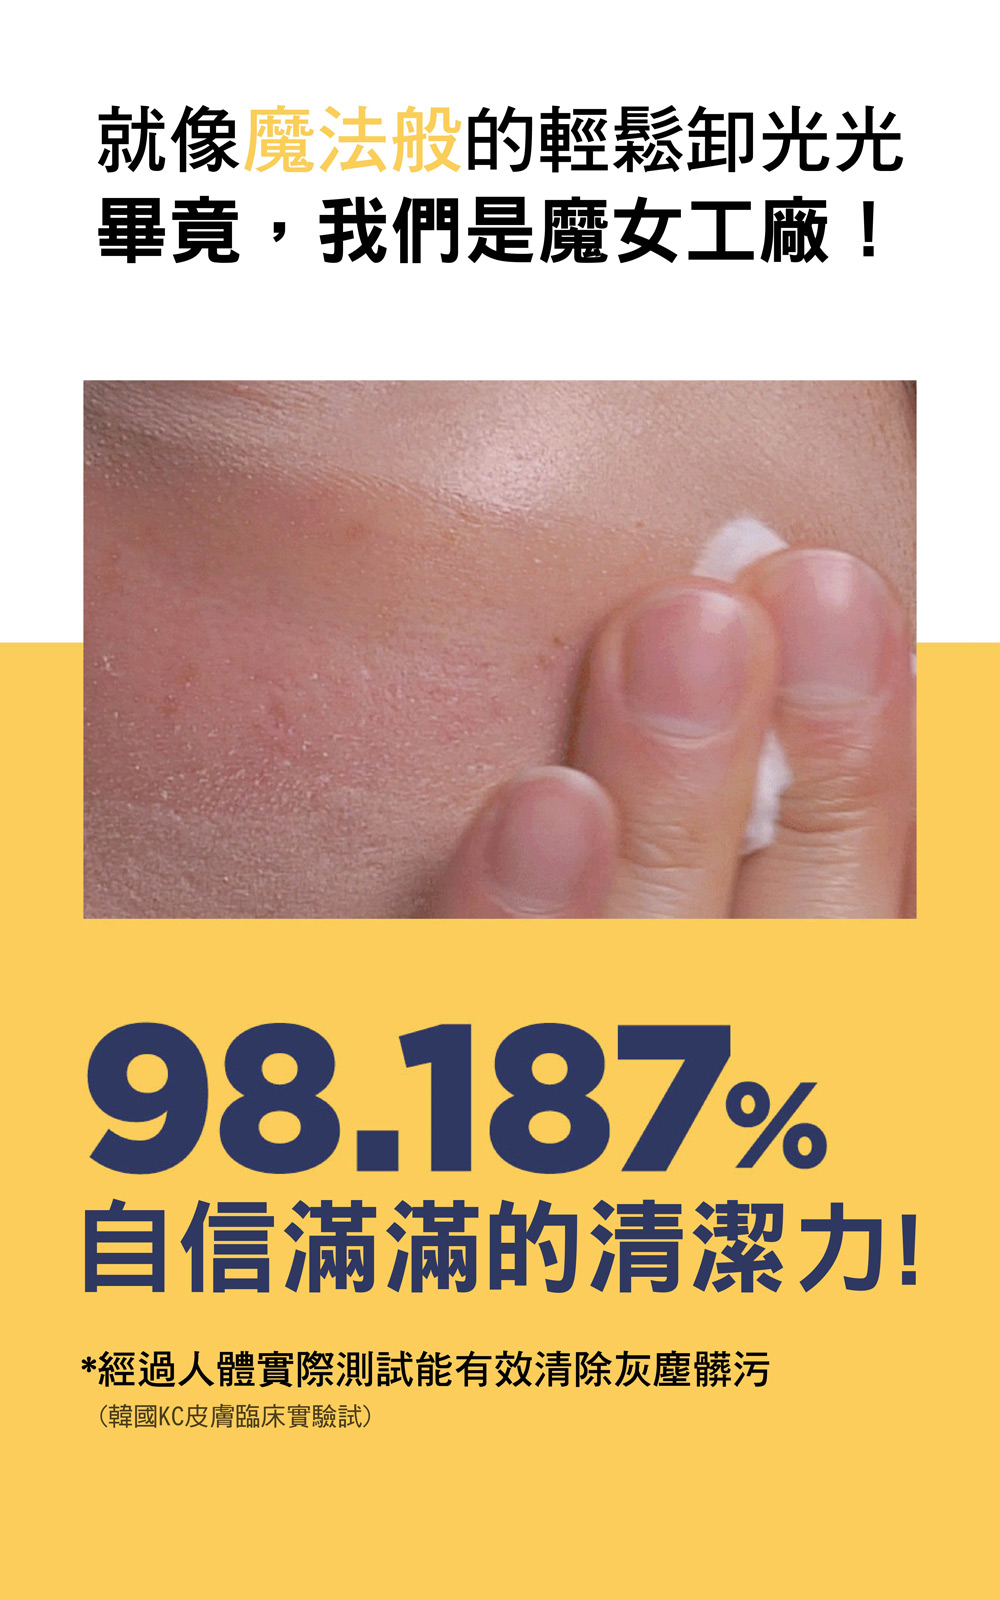 %e9%9b%b6%e6%af%9b%e5%ad%94%e9%85%b5%e7%b4%a0%e4%bf%9d%e6%bf%95%e5%8d%b8%e5%a6%9d%e6%b0%b4-03